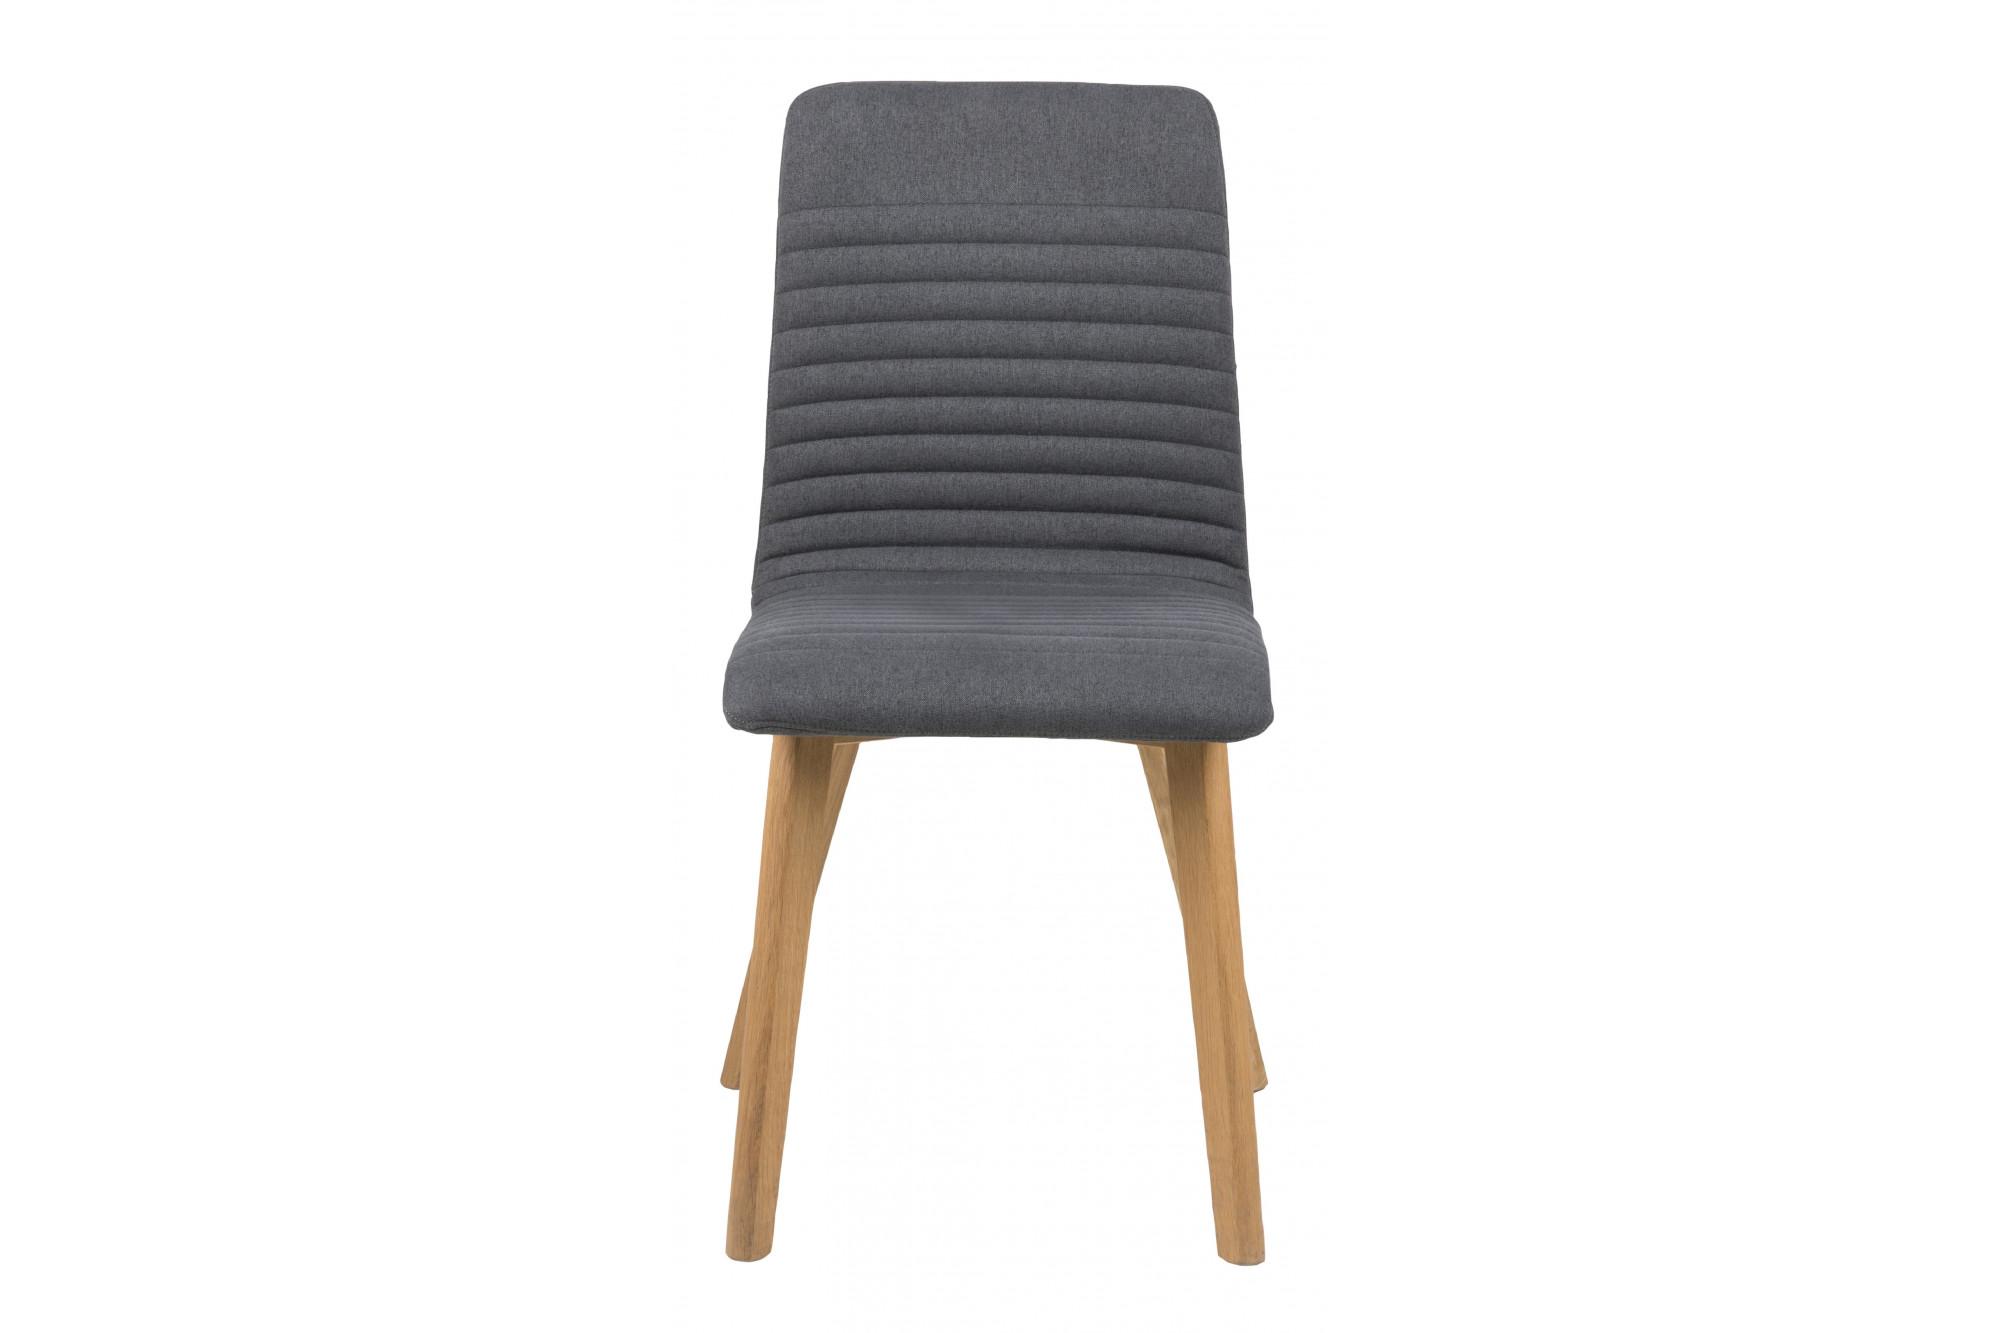 lot de 2 chaises bois de ch ne et tissu gris anthracite. Black Bedroom Furniture Sets. Home Design Ideas